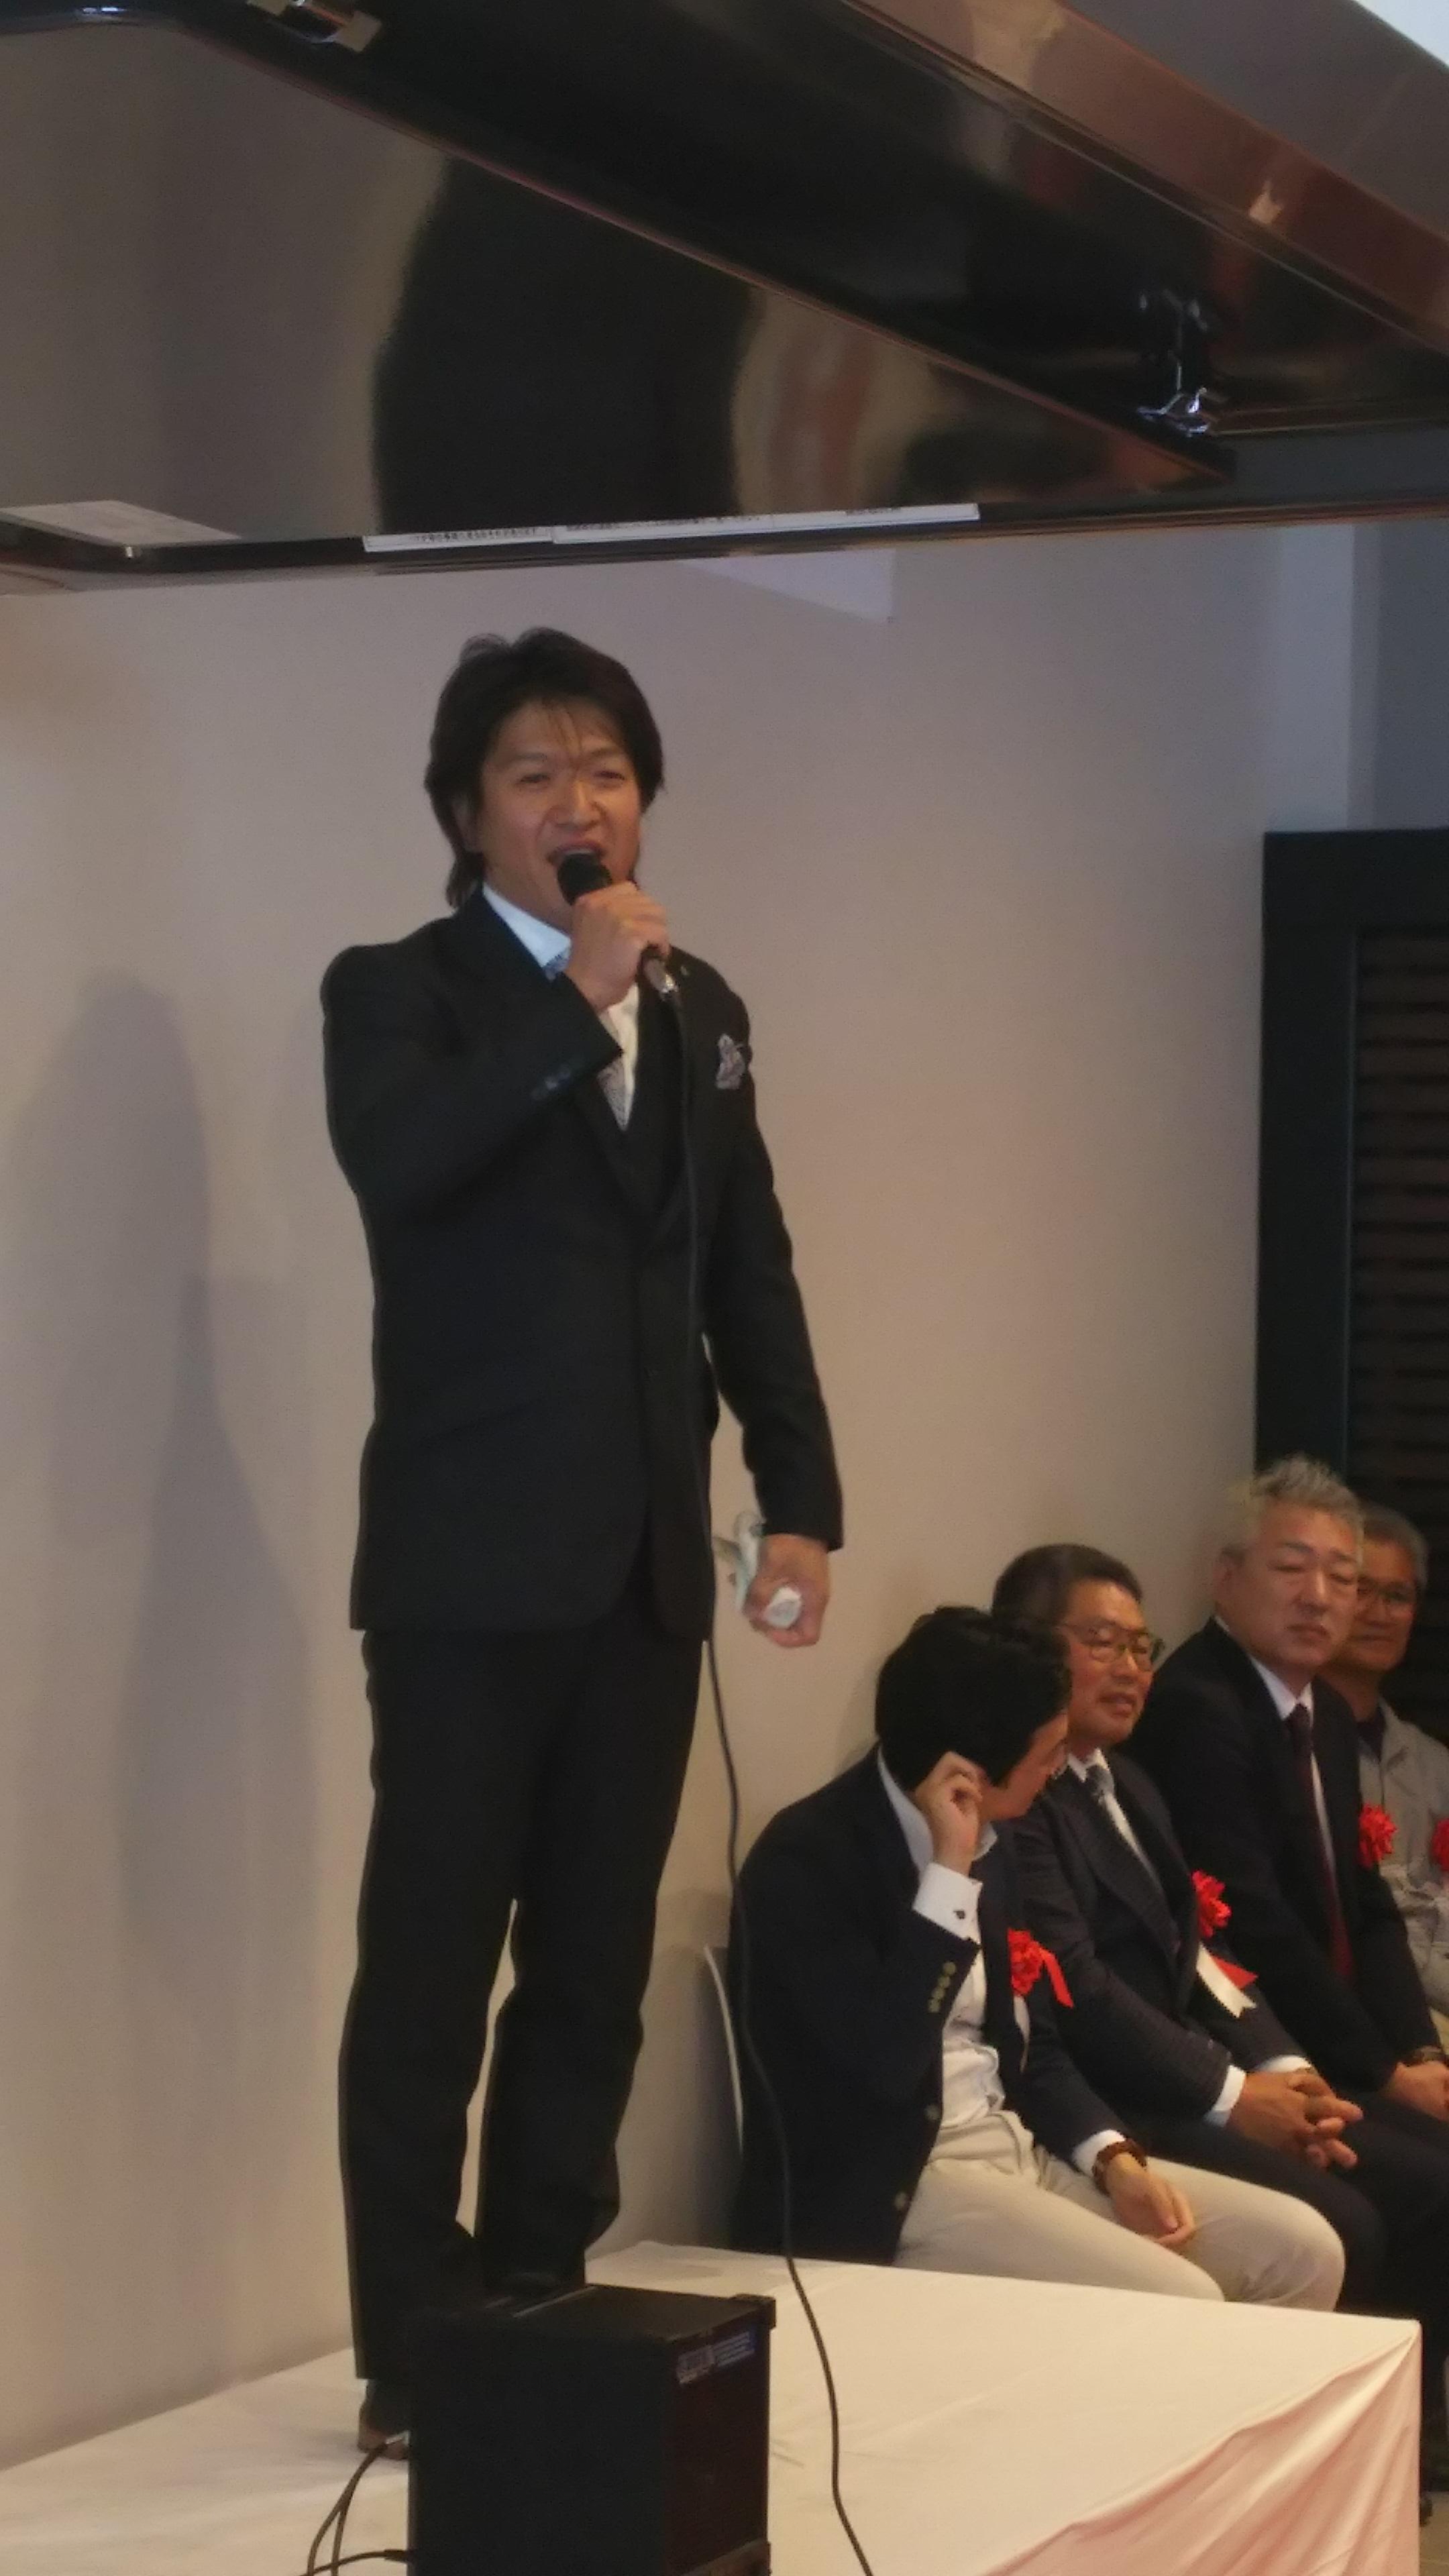 人の出会いと感謝を忘れずに愛される会社作りを行うと述べた及川達也社長